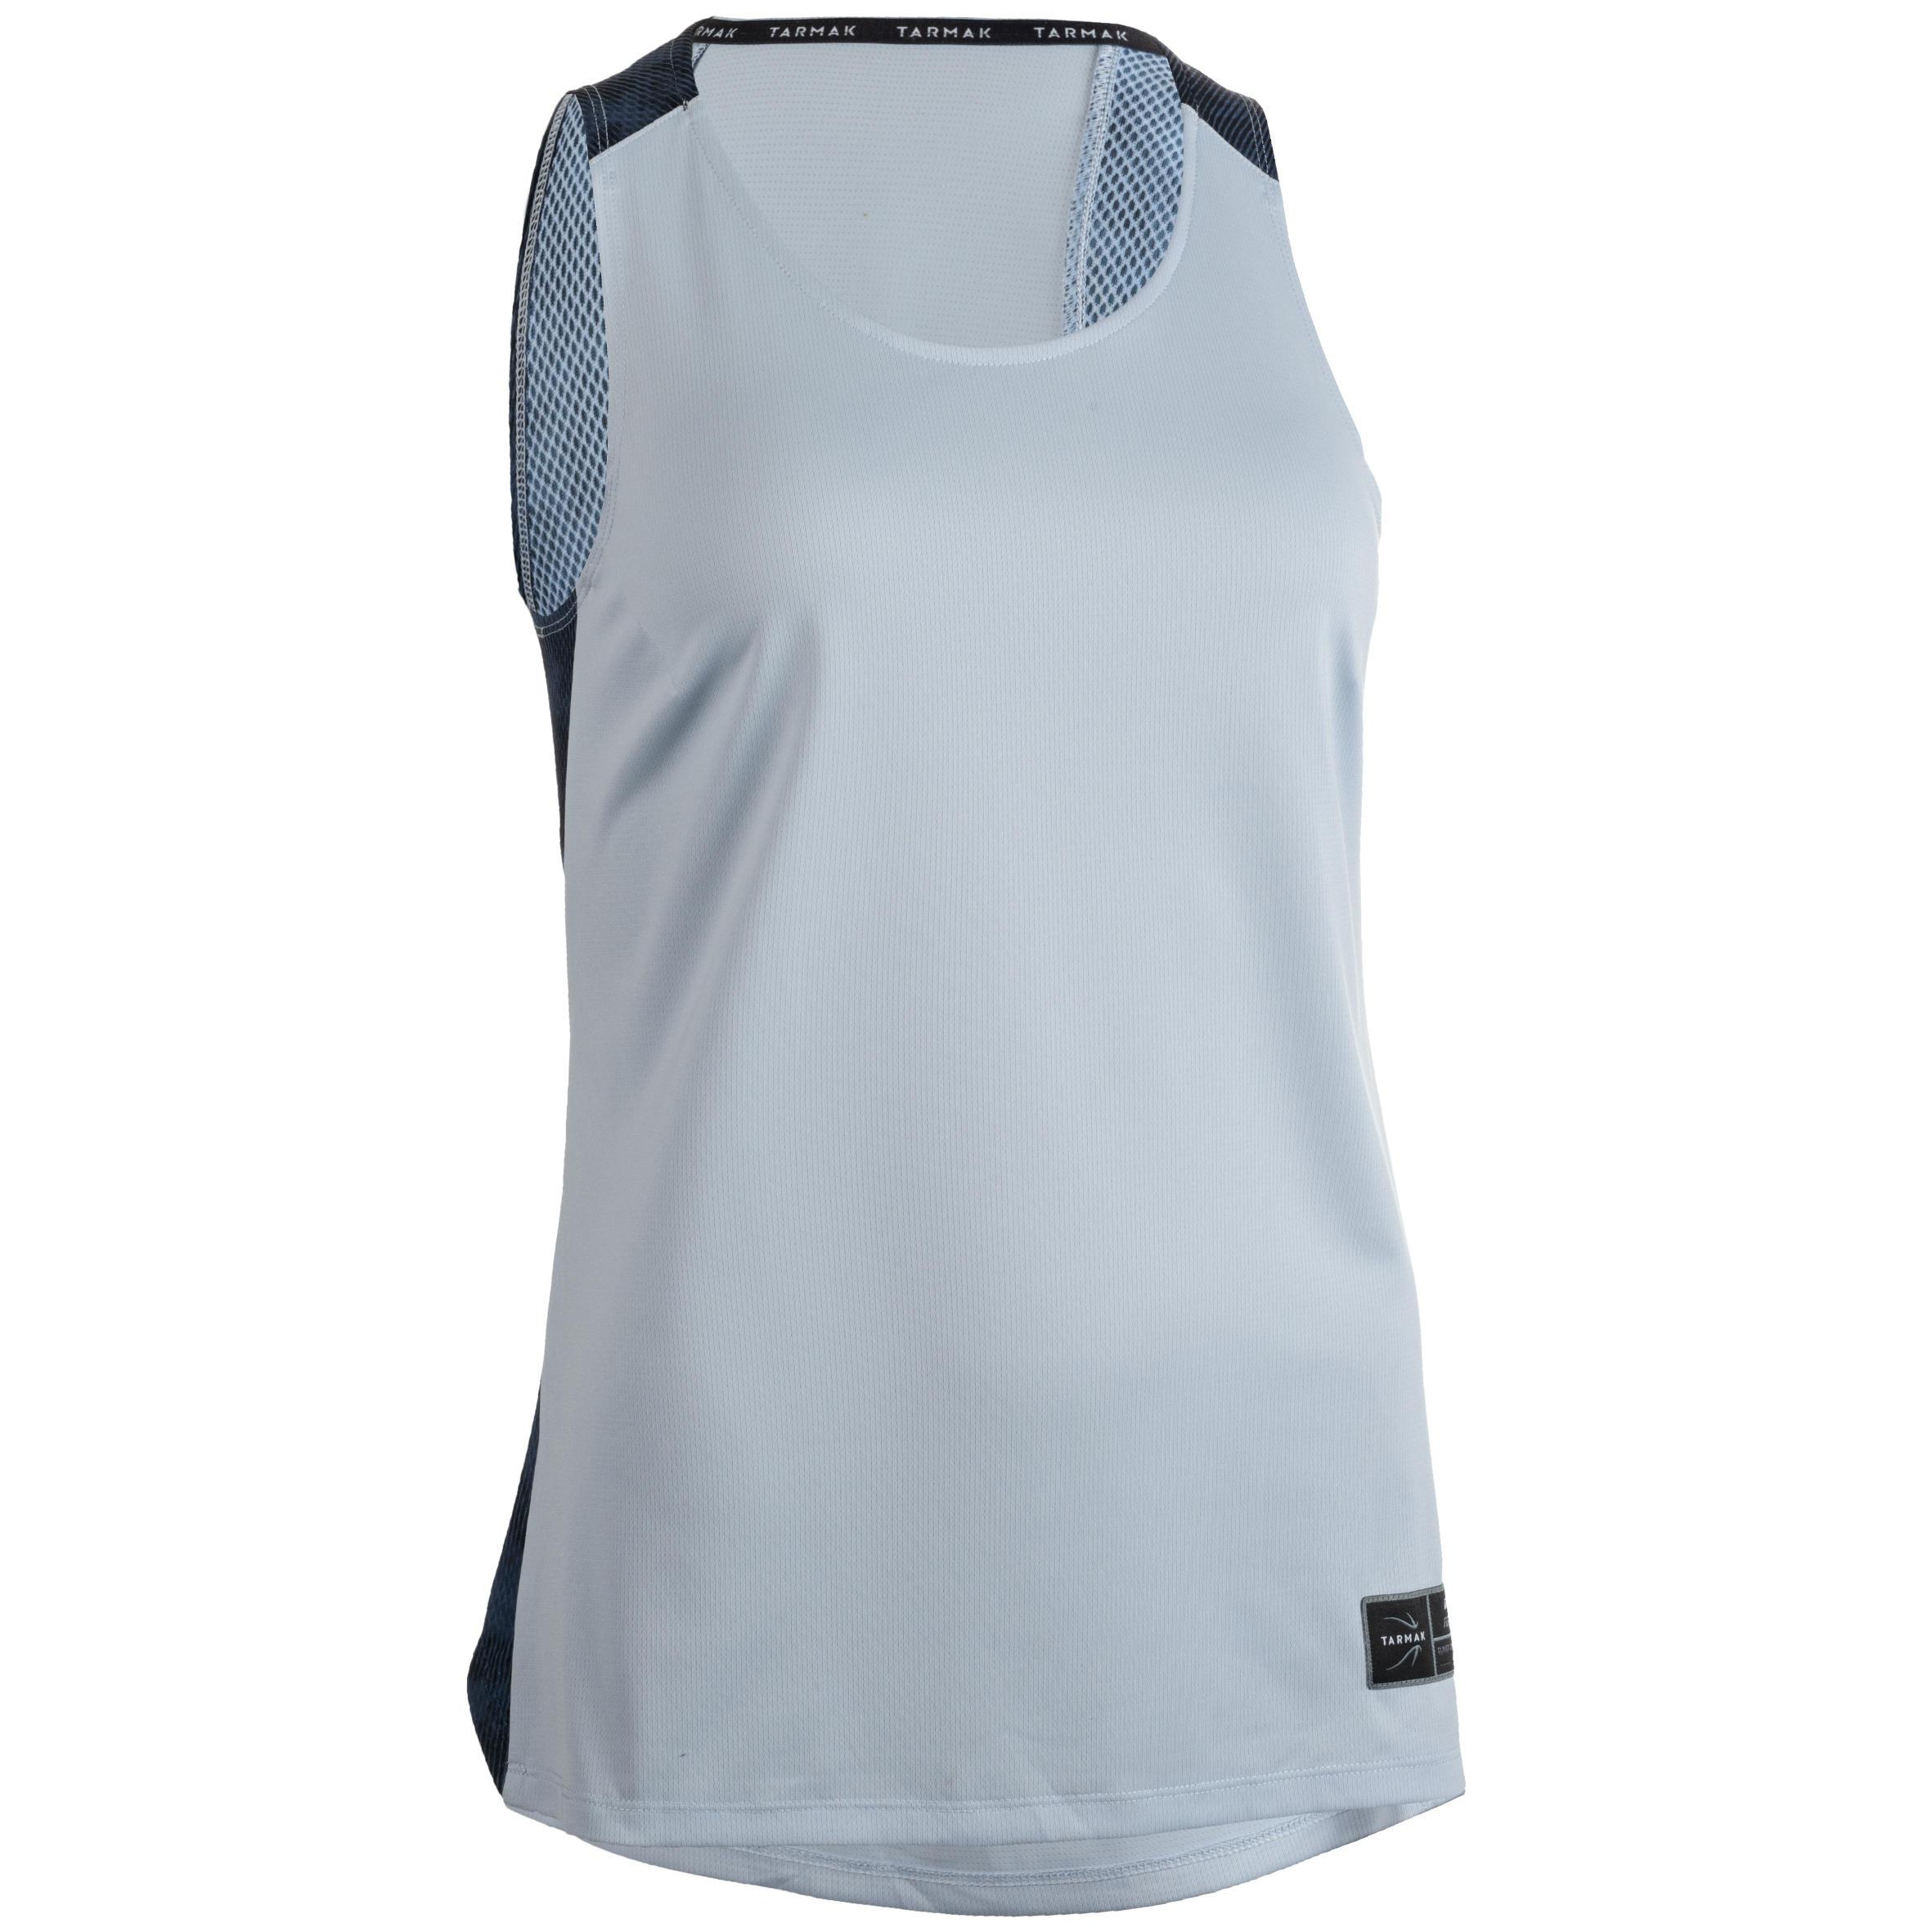 Tarmak Basketbalshirt voor dames grijs navy T500